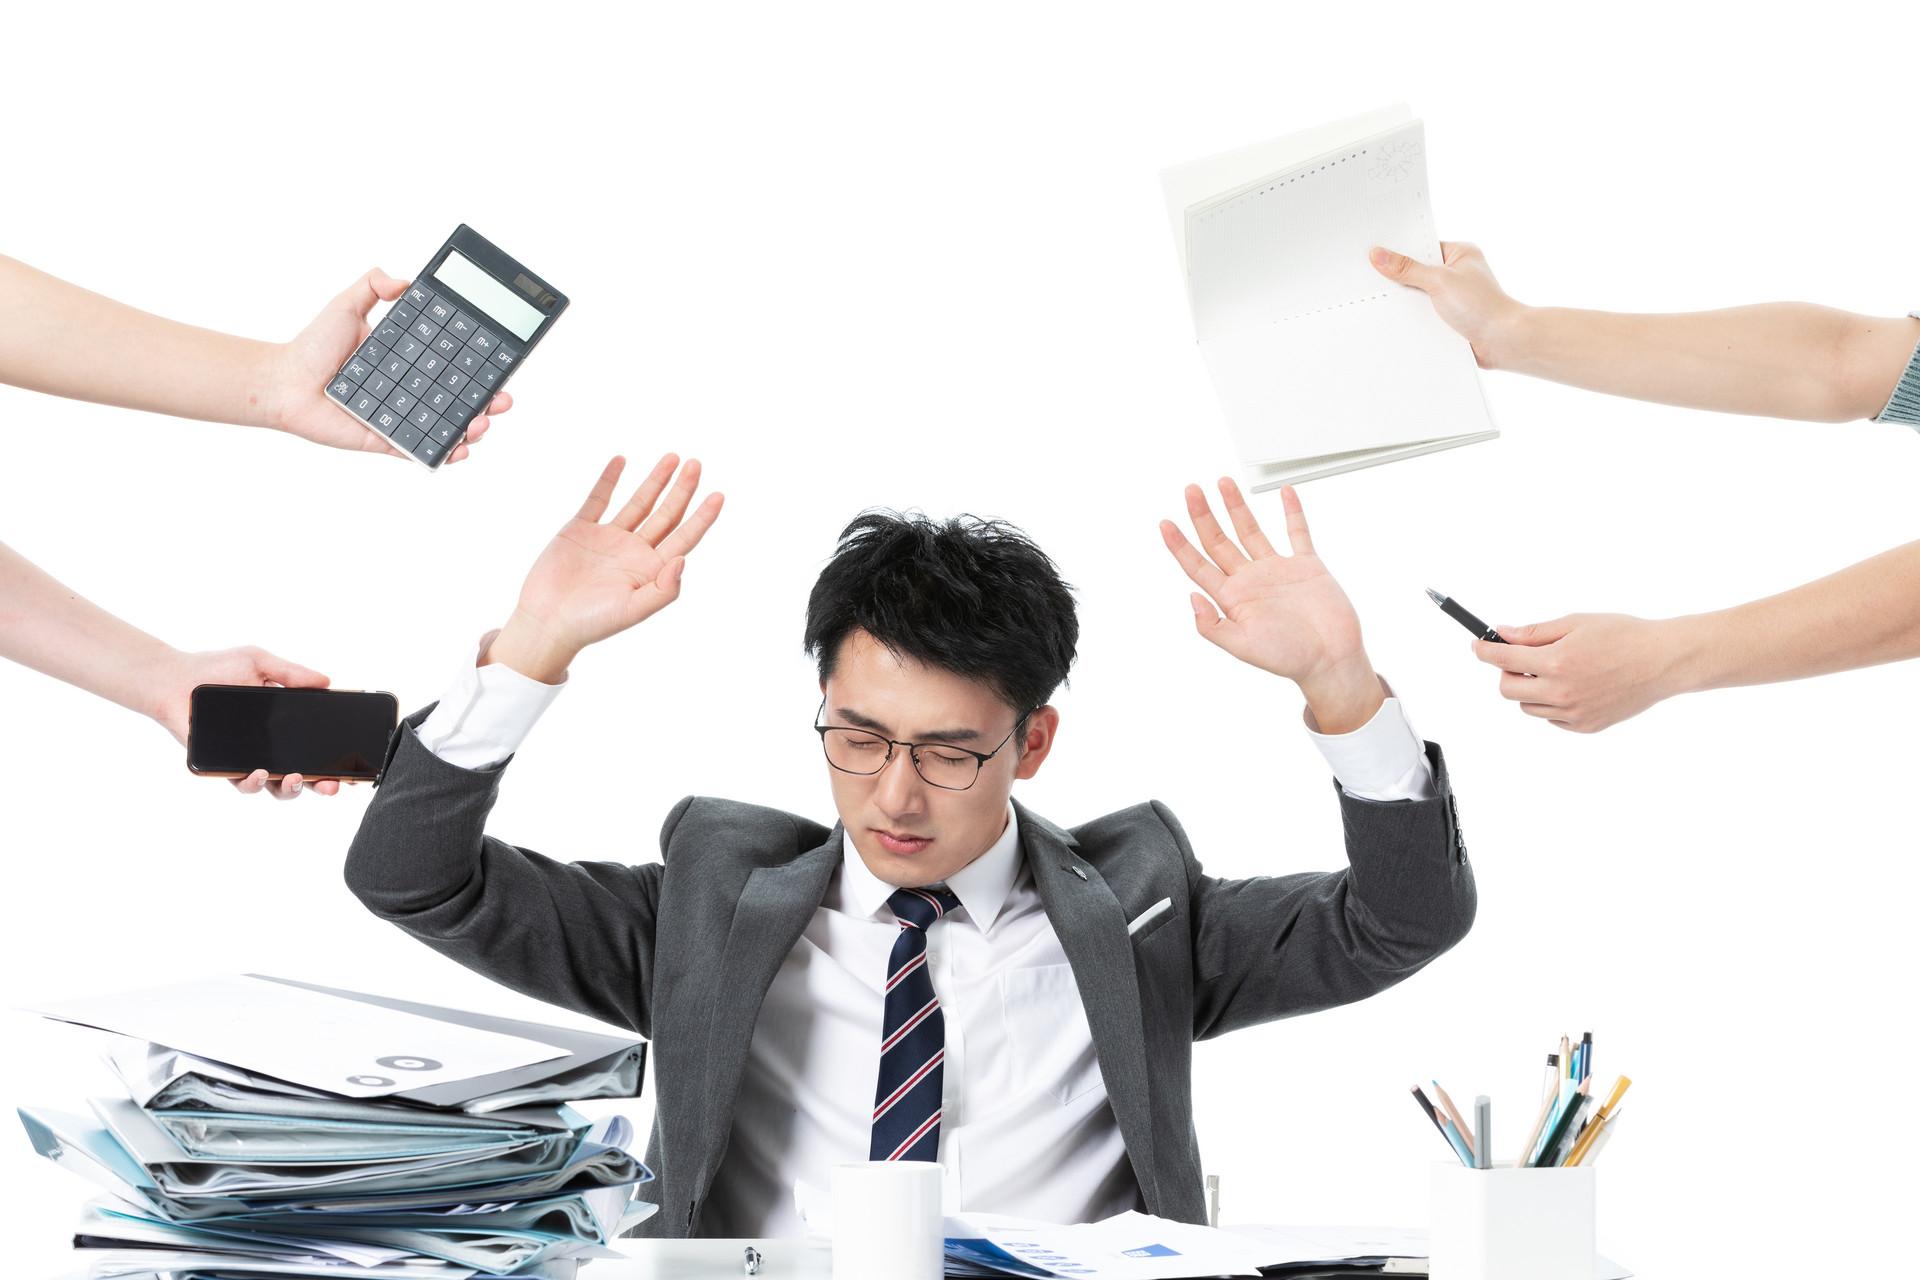 用excel制作工资条简单吗?怎样操作呢?